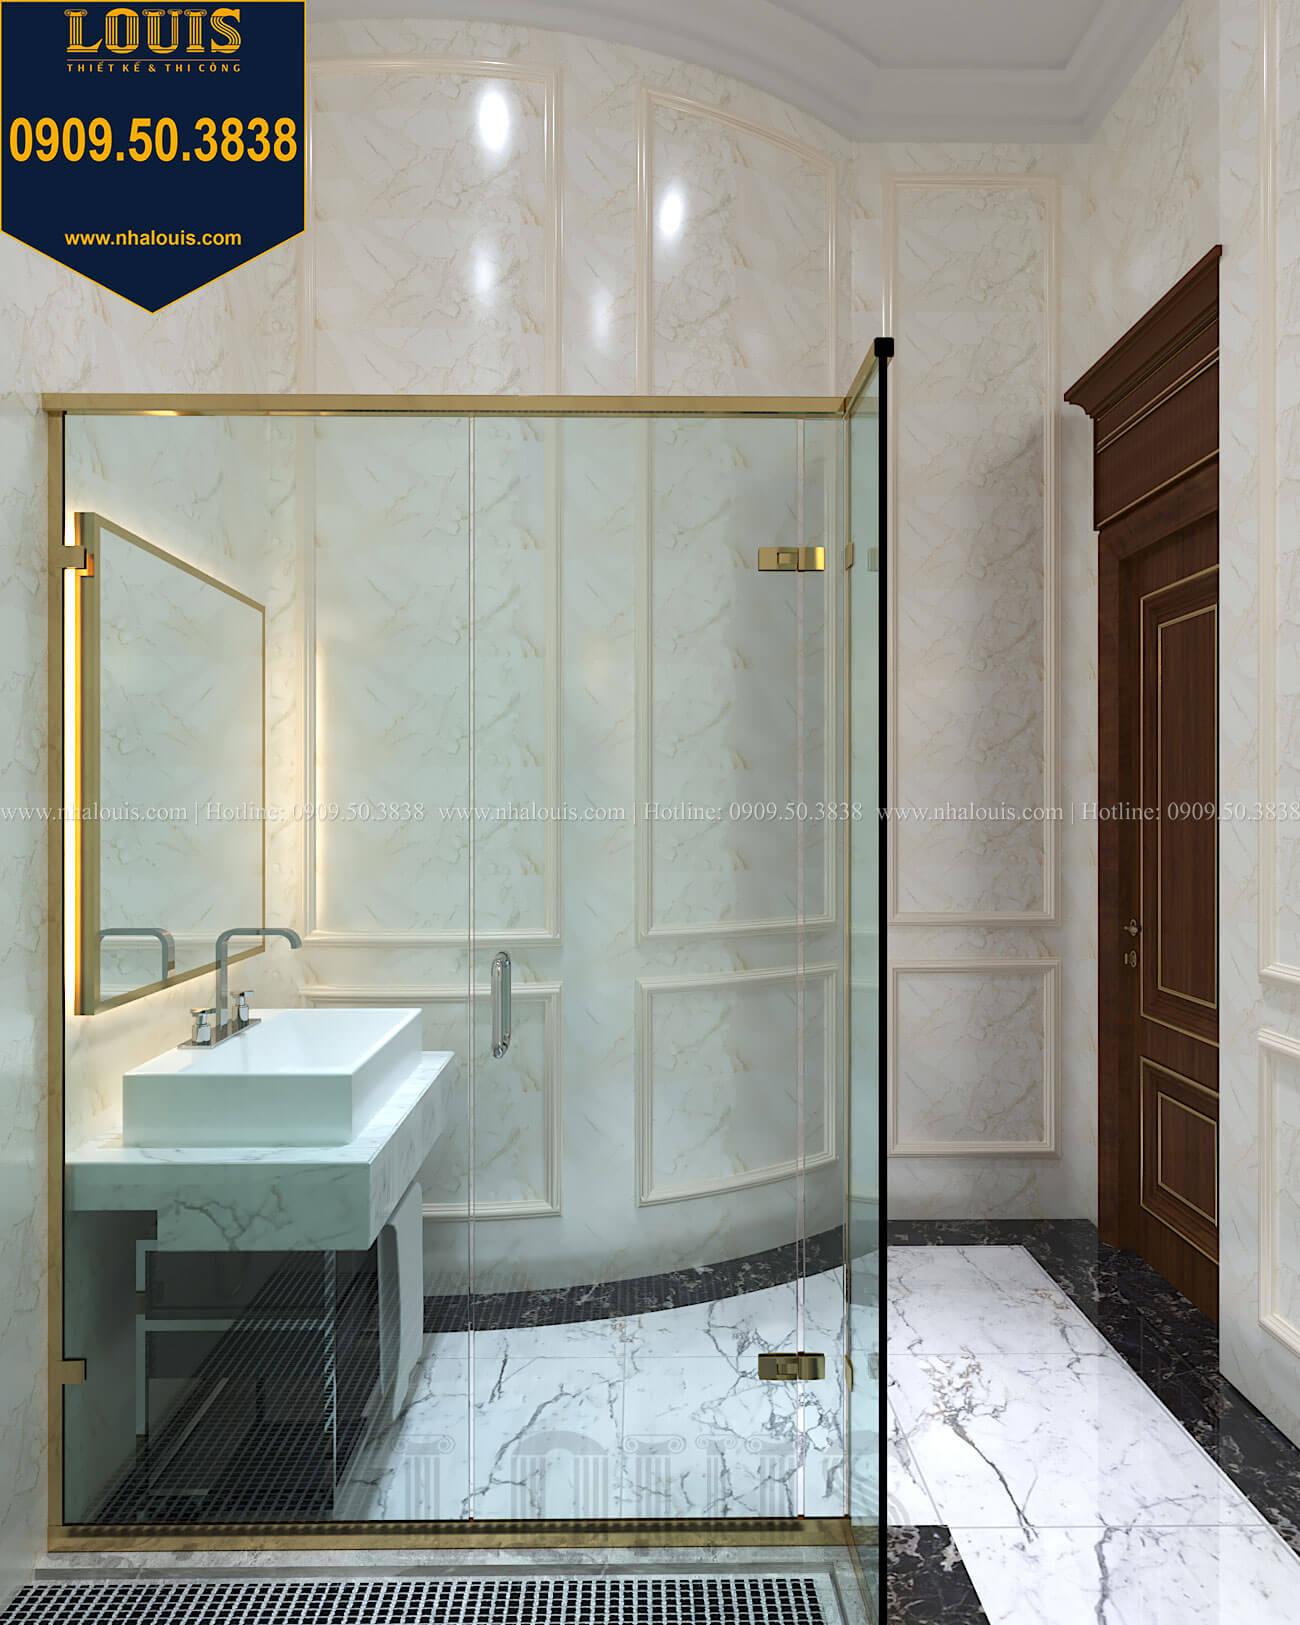 phòng tắm và WC Thiết kế biệt thự cổ điển 2 tầng nguy nga và đẳng cấp tại Tây Ninh - 35